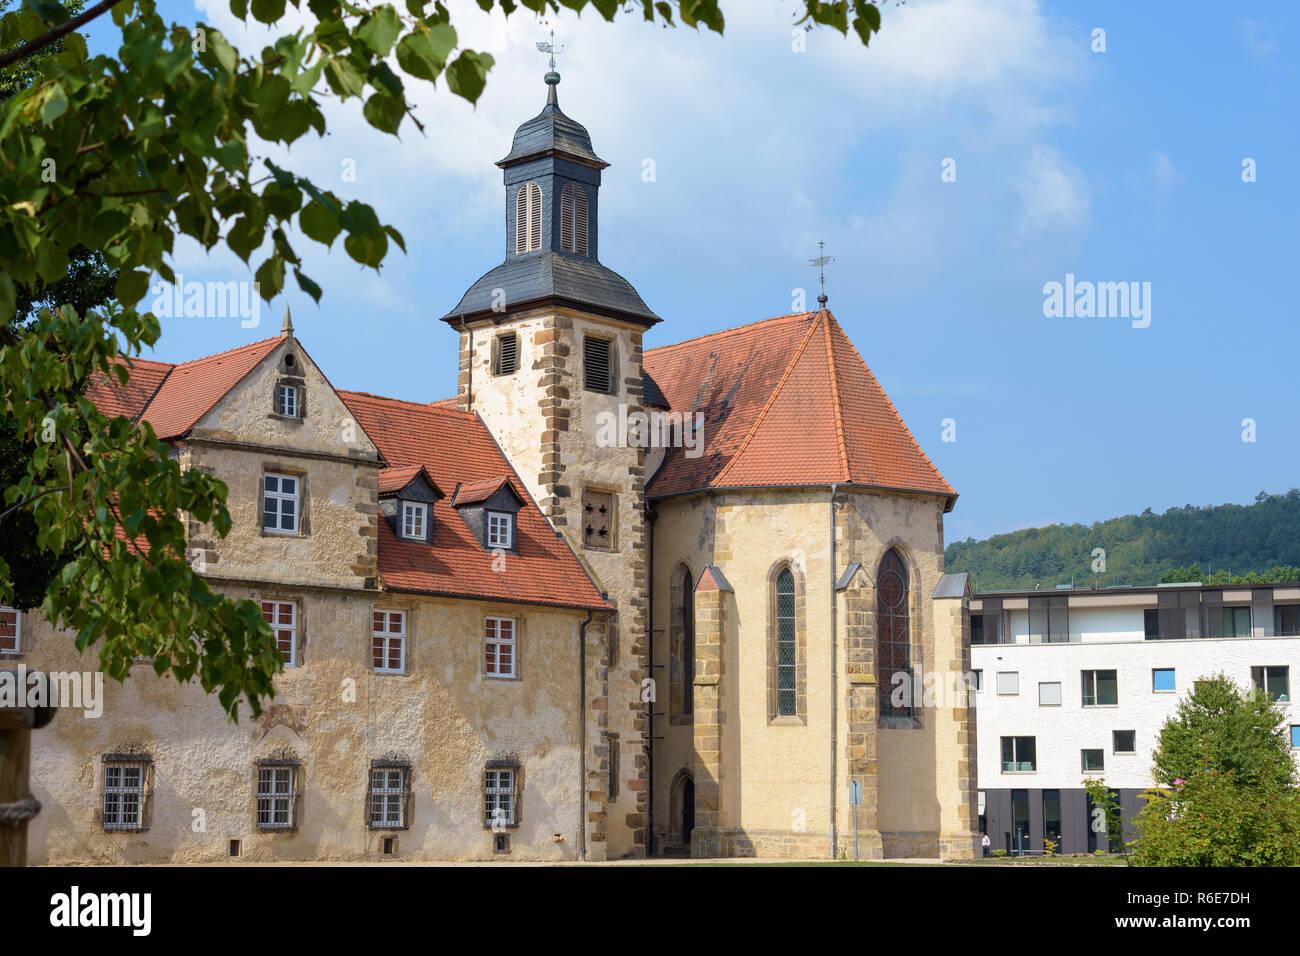 Kloster Haydau Kapelle von vorne blauer Himmel hinter Bäumen - Stock Image